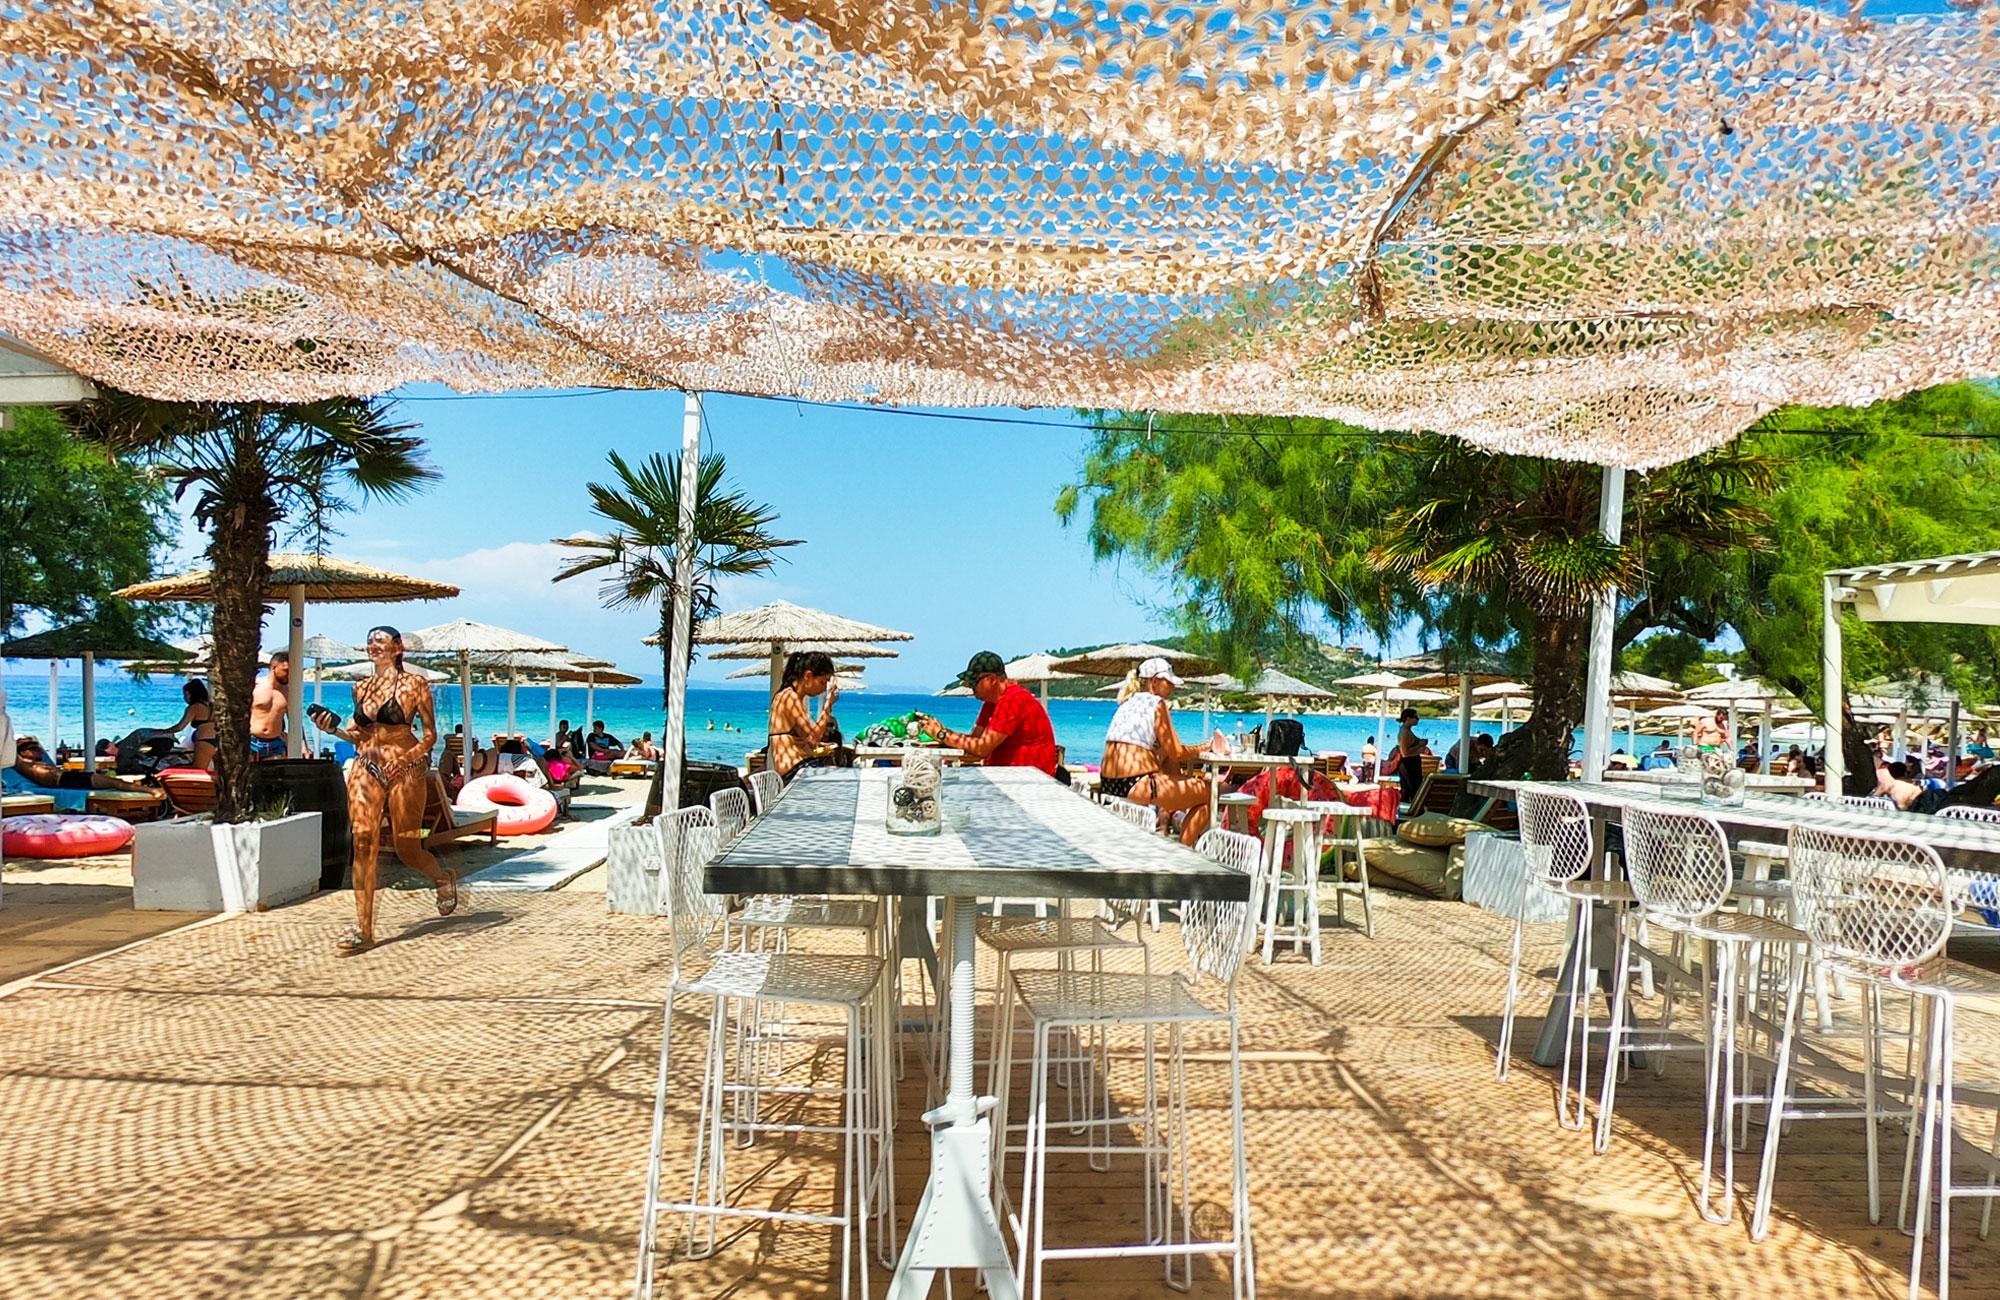 Talgo beach Premium Bar близо до остров Диапорос